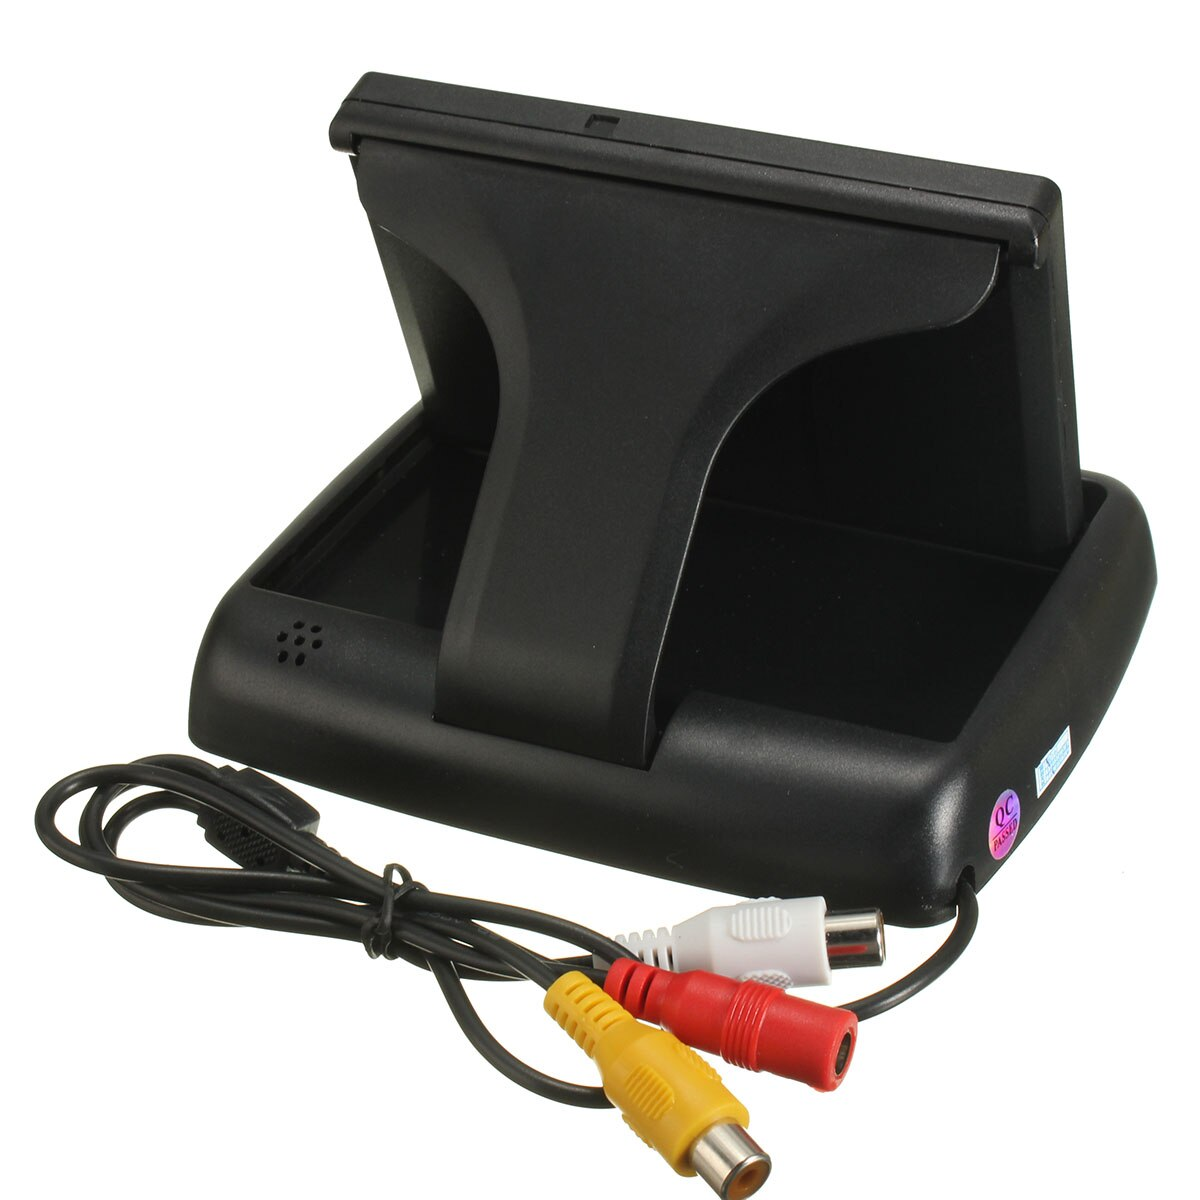 4,3 Foldable Monitor LCD plegable inalámbrico IR visión nocturna retrovisor Cámara inversa kit 7LEDs cámara de visión trasera del coche